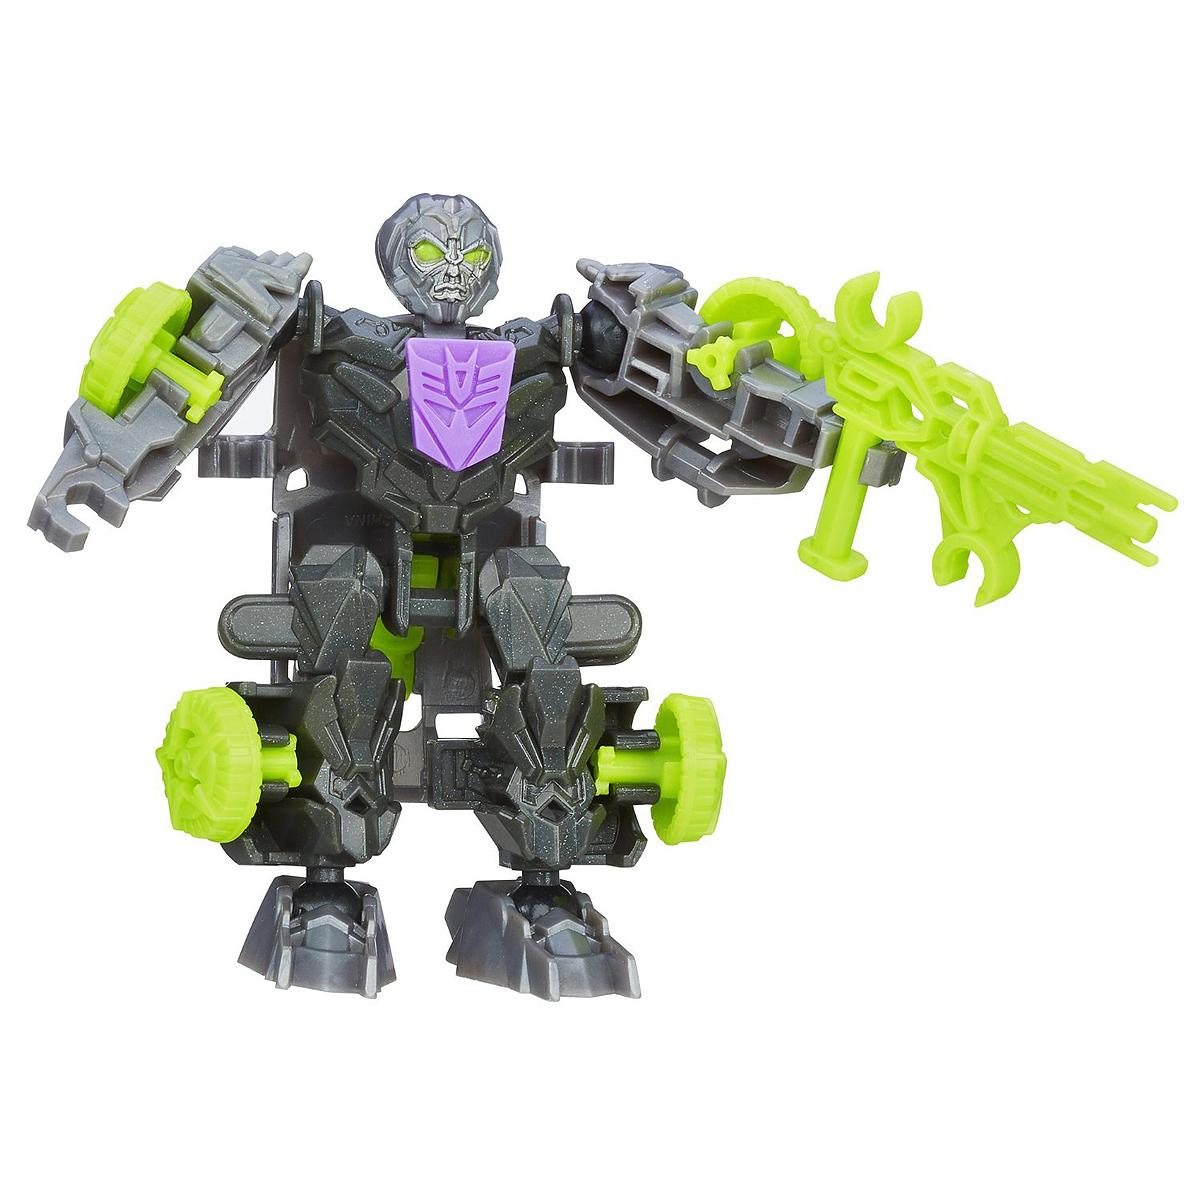 Transformers Констракт-Боты Наездники: LOCKDOWNA6150_2Конструктор Transformers Констракт-Боты Наездники: LOCKDOWN понравится вашему маленькому поклоннику Трансформеров и не позволит ему скучать. В комплект входят 18 ярких пластиковых элементов, с помощью которых можно собрать фигурку десептикона Локдауна - персонажа фильма Трансформеры 4. Робот может трансформироваться в необычный автомобиль. Ваш ребенок часами будет занят игрой, придумывая разные истории. Порадуйте его таким замечательным подарком!